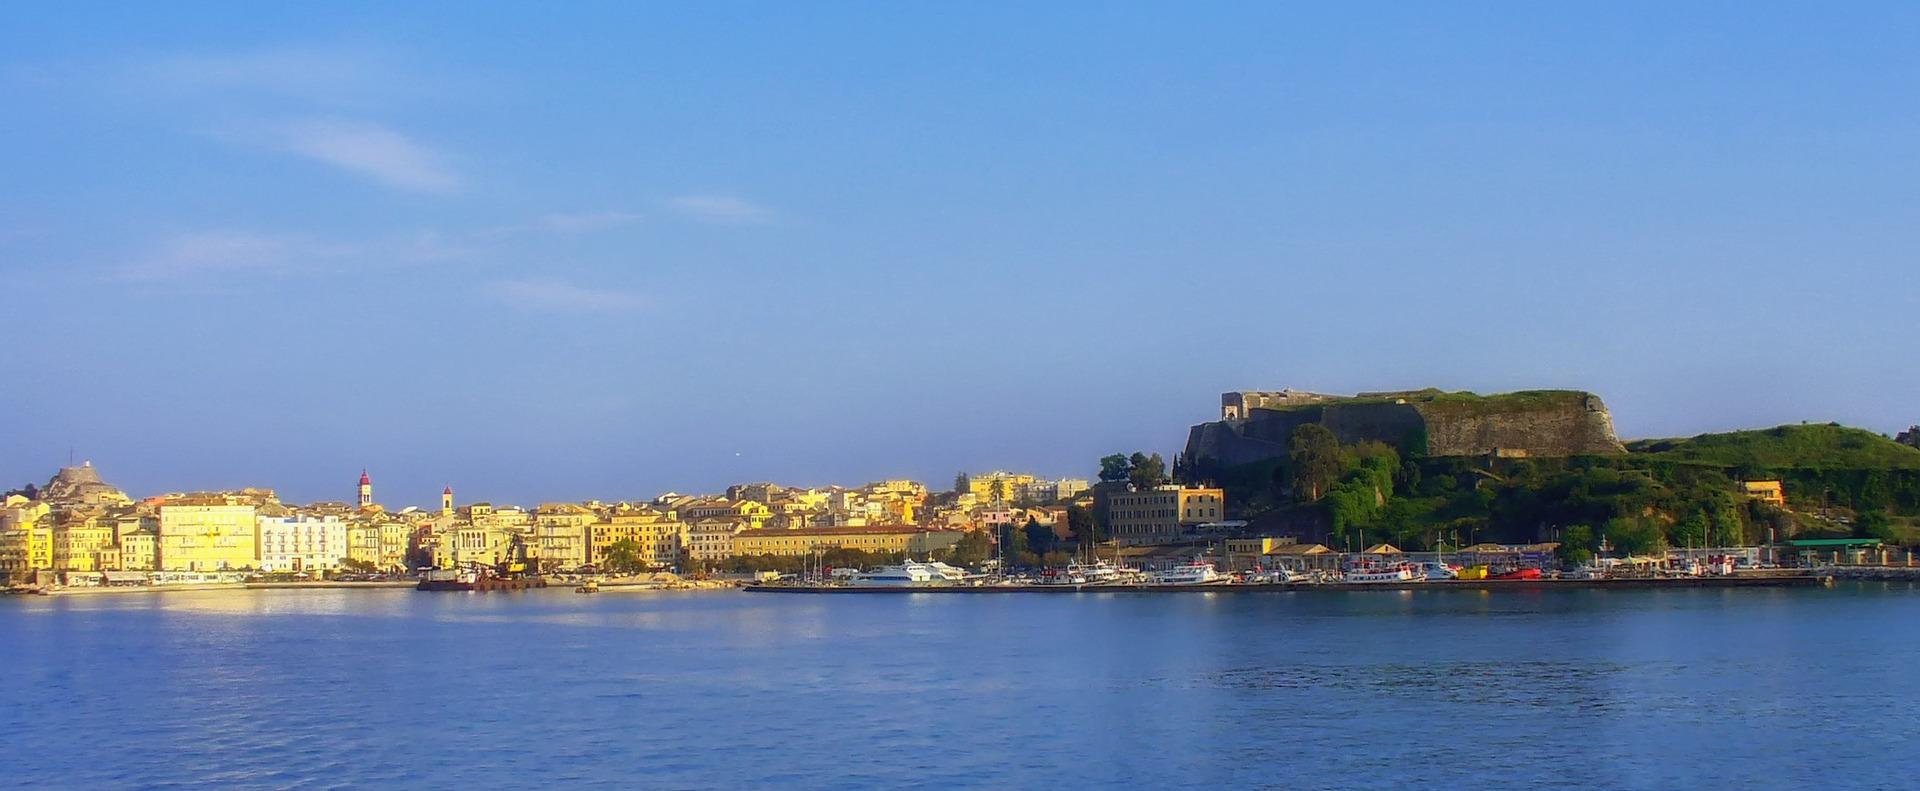 Vakantie Griekenland Corfu